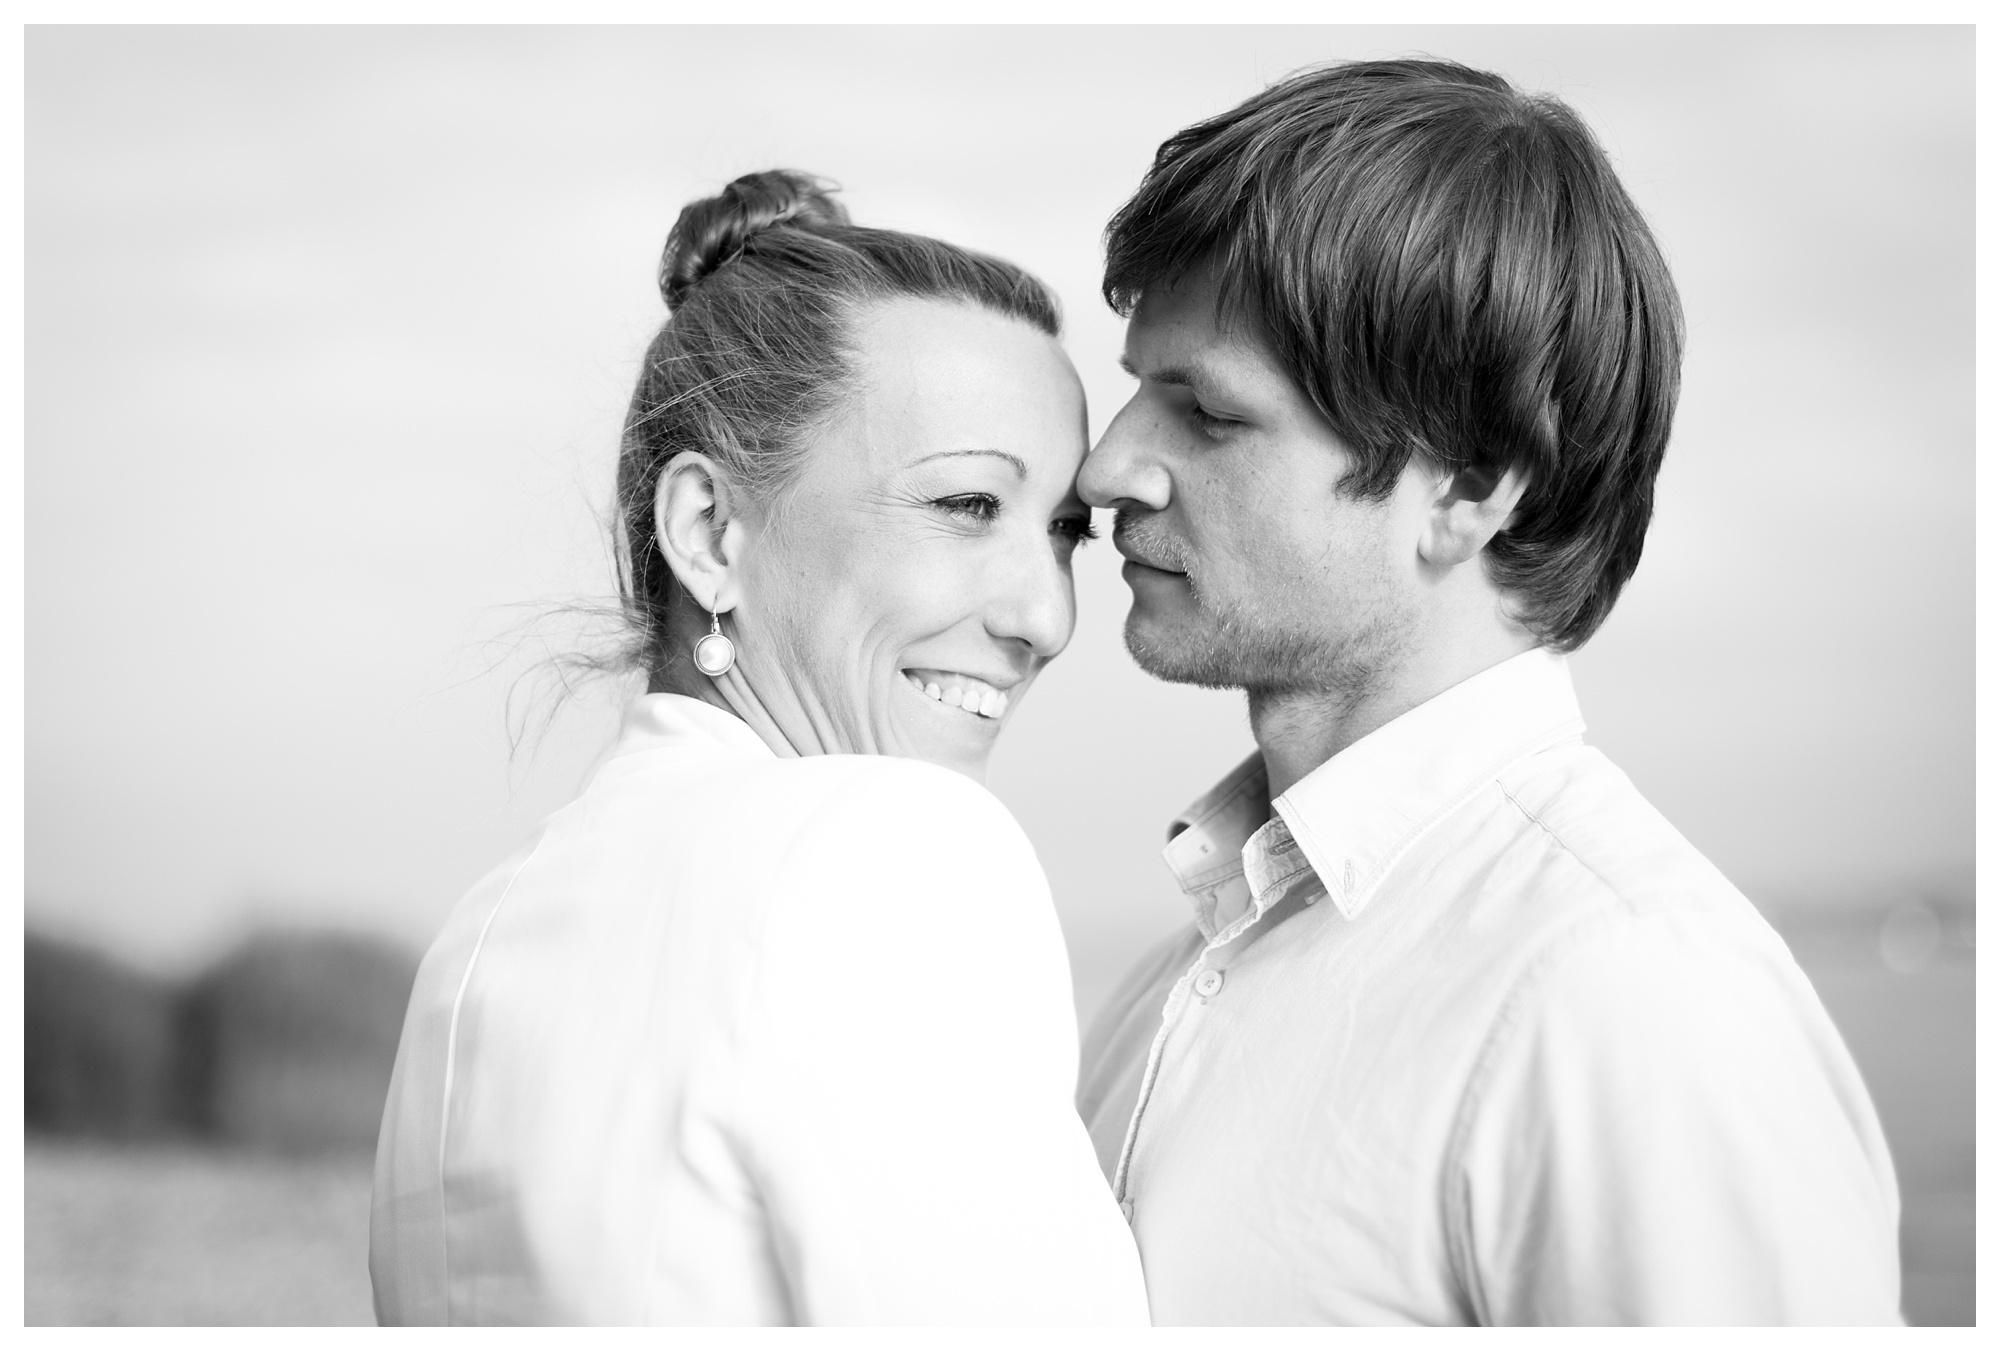 Fotograf Konstanz - Best of 2014 Elmar Feuerbacher Photography Hochzeit Portrait 062 - Rückblick auf 2014  - 124 -